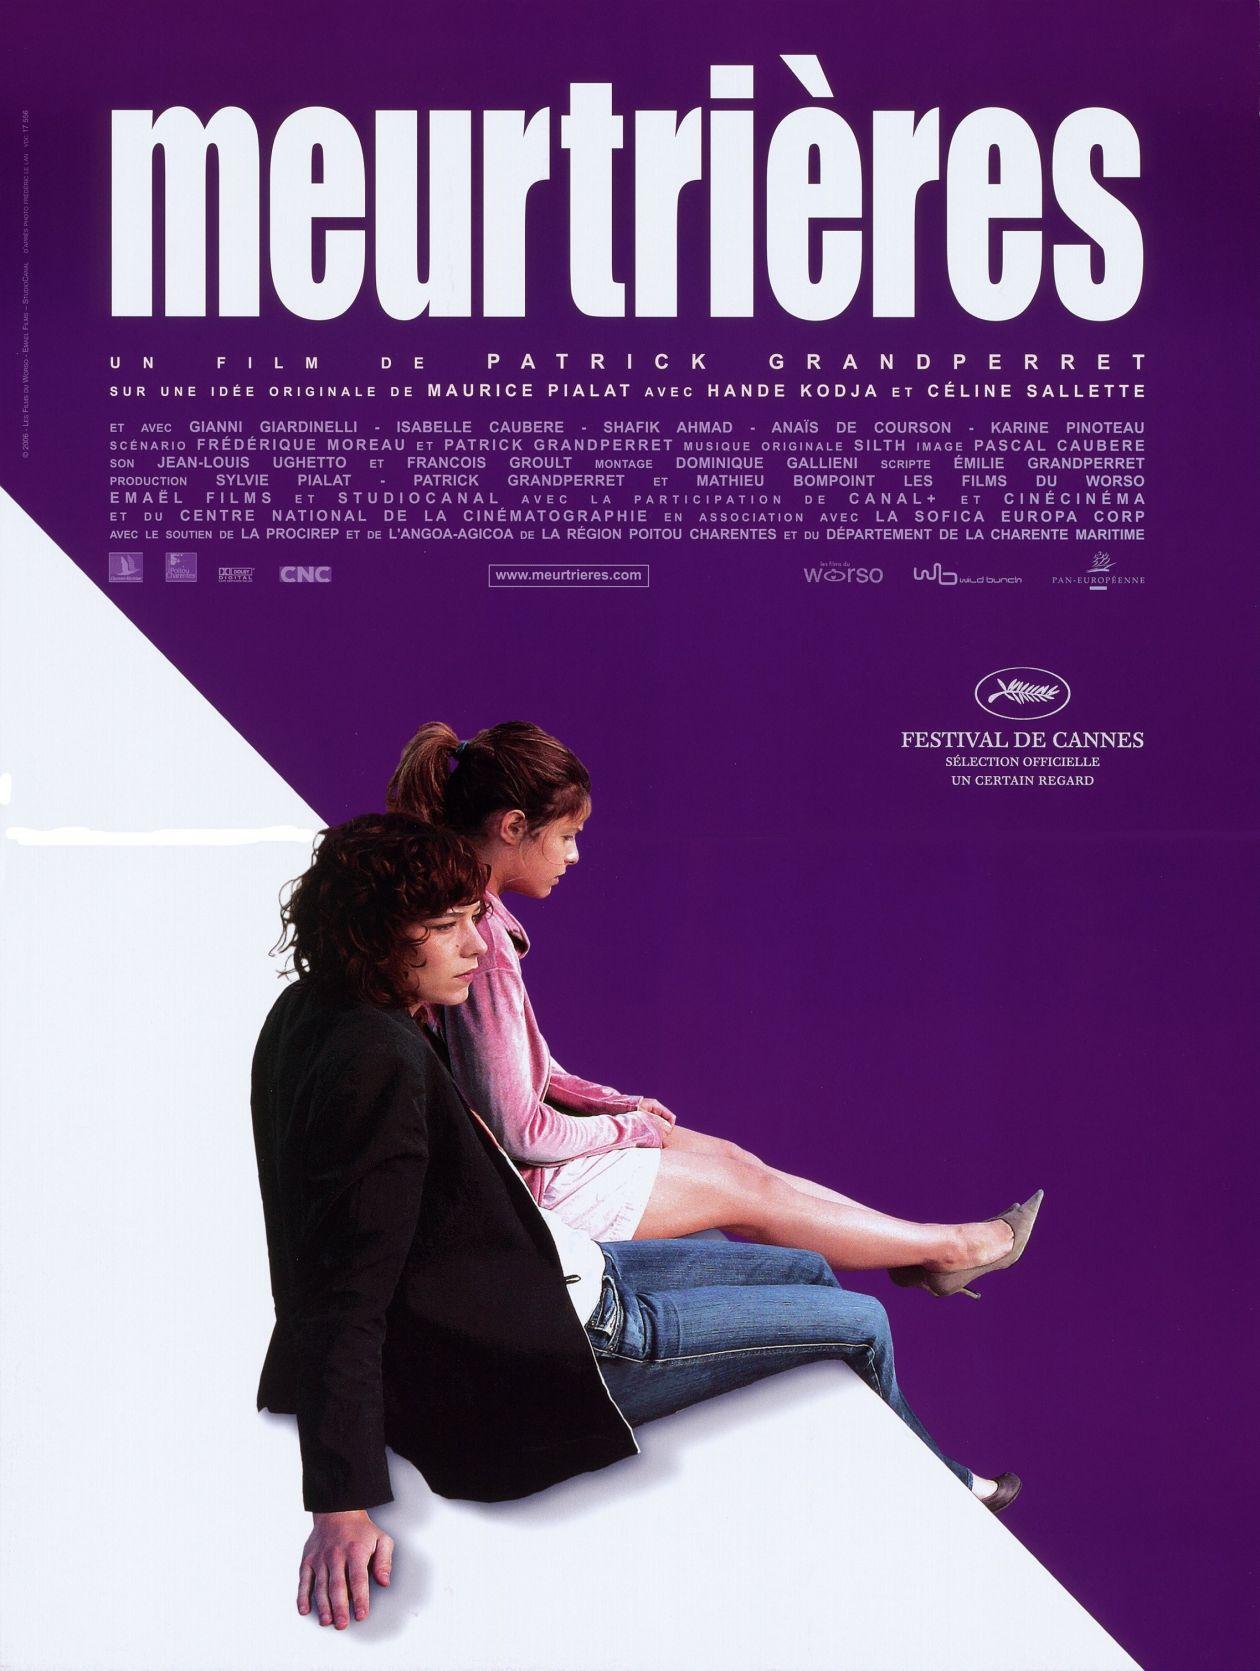 Céline Sallette / Hande Kodja actresses actrices comédiennes | Meurtrières / Movie Poster / Affiche film / Patrick Grandperret 2006